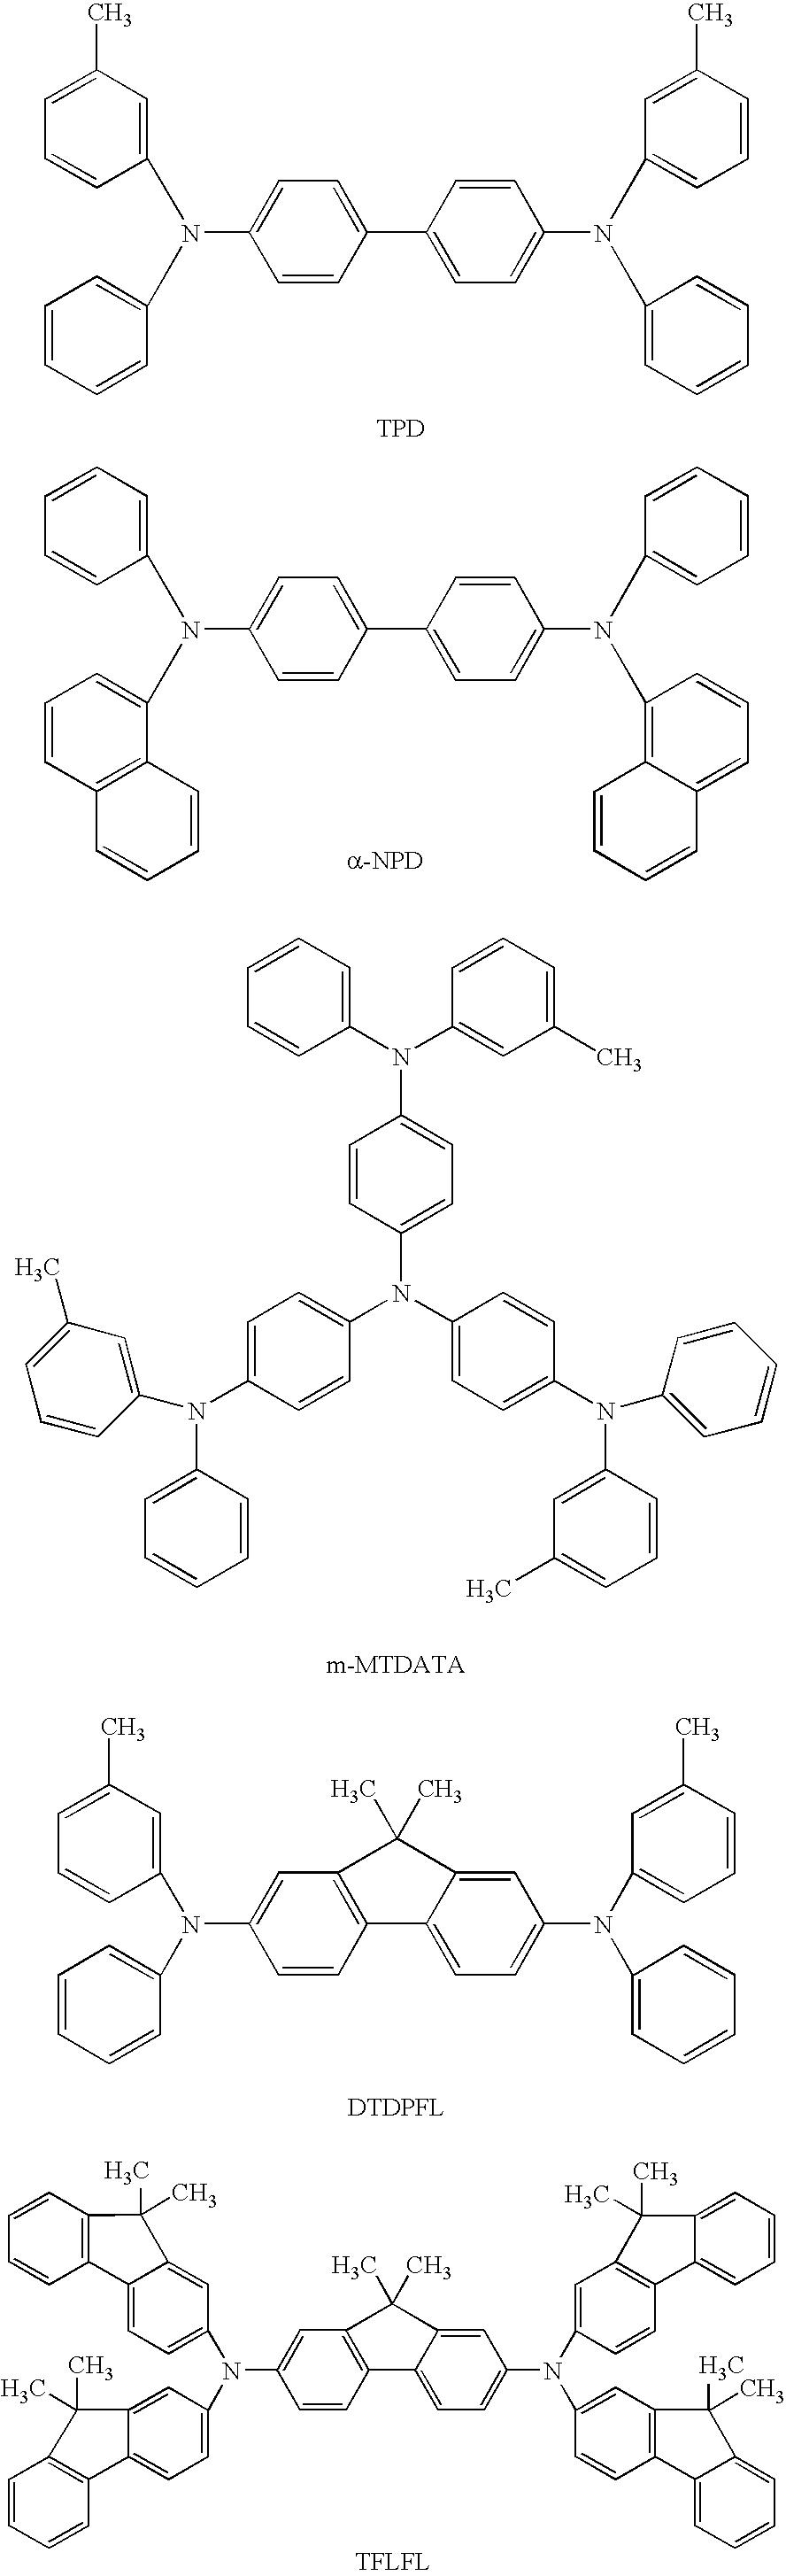 Figure US20060017376A1-20060126-C00001